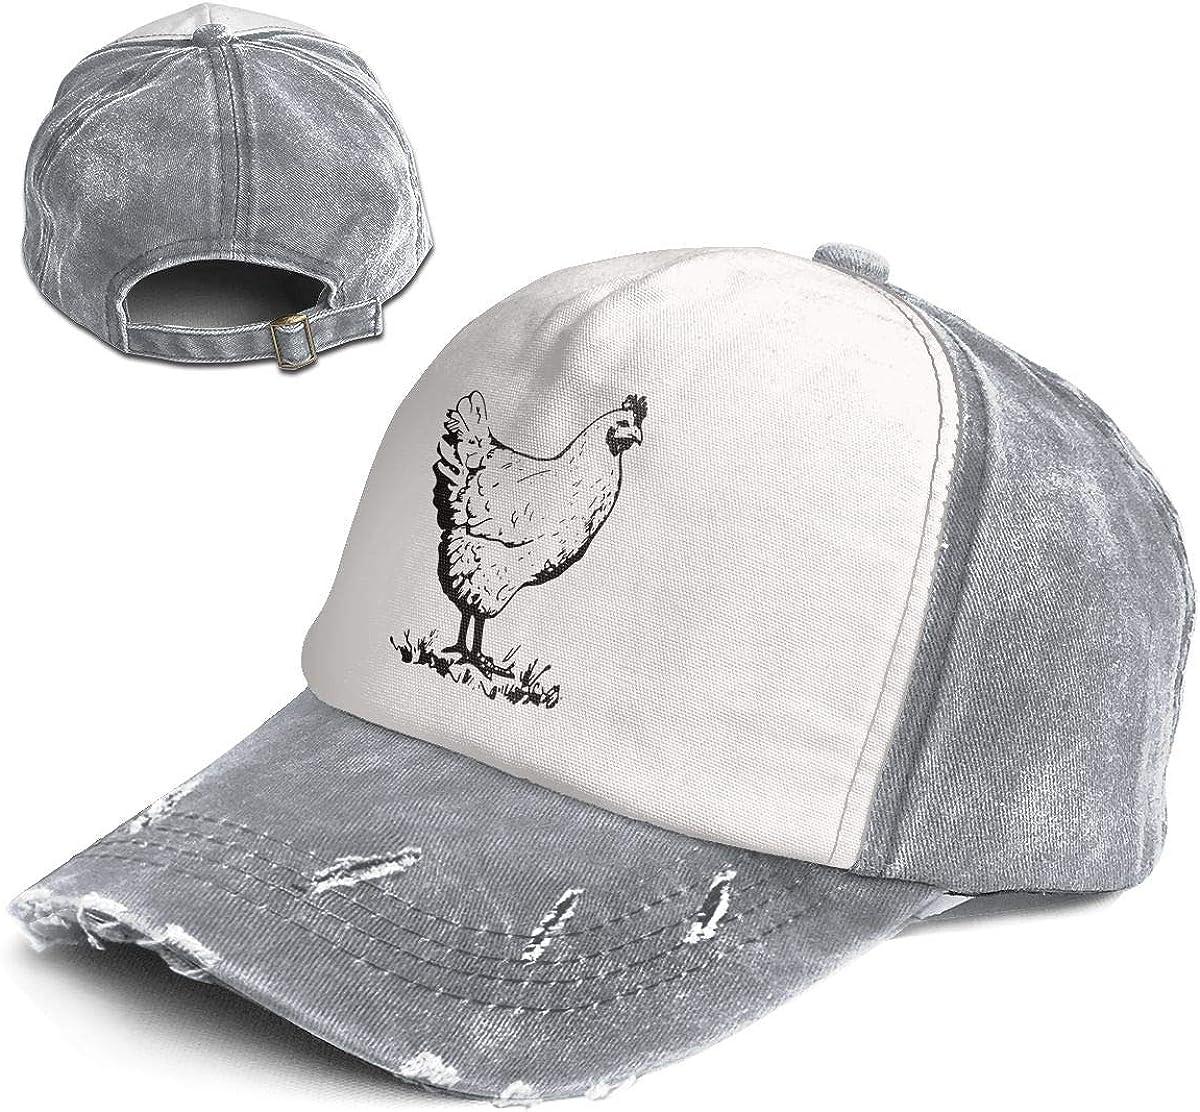 Fashion Vintage Hat Real Estate is My Hustle Adjustable Dad Hat Baseball Cowboy Cap